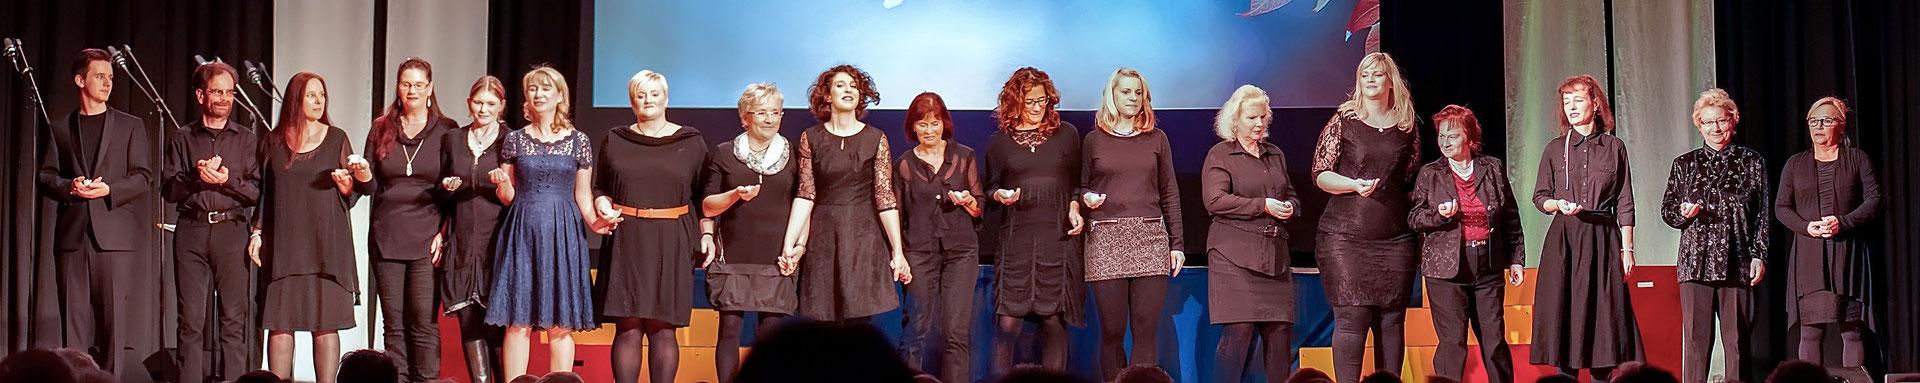 Schlussapplaus für den Chor des Musicalzaubers 2018 unter der Leitung von Shira Bitan